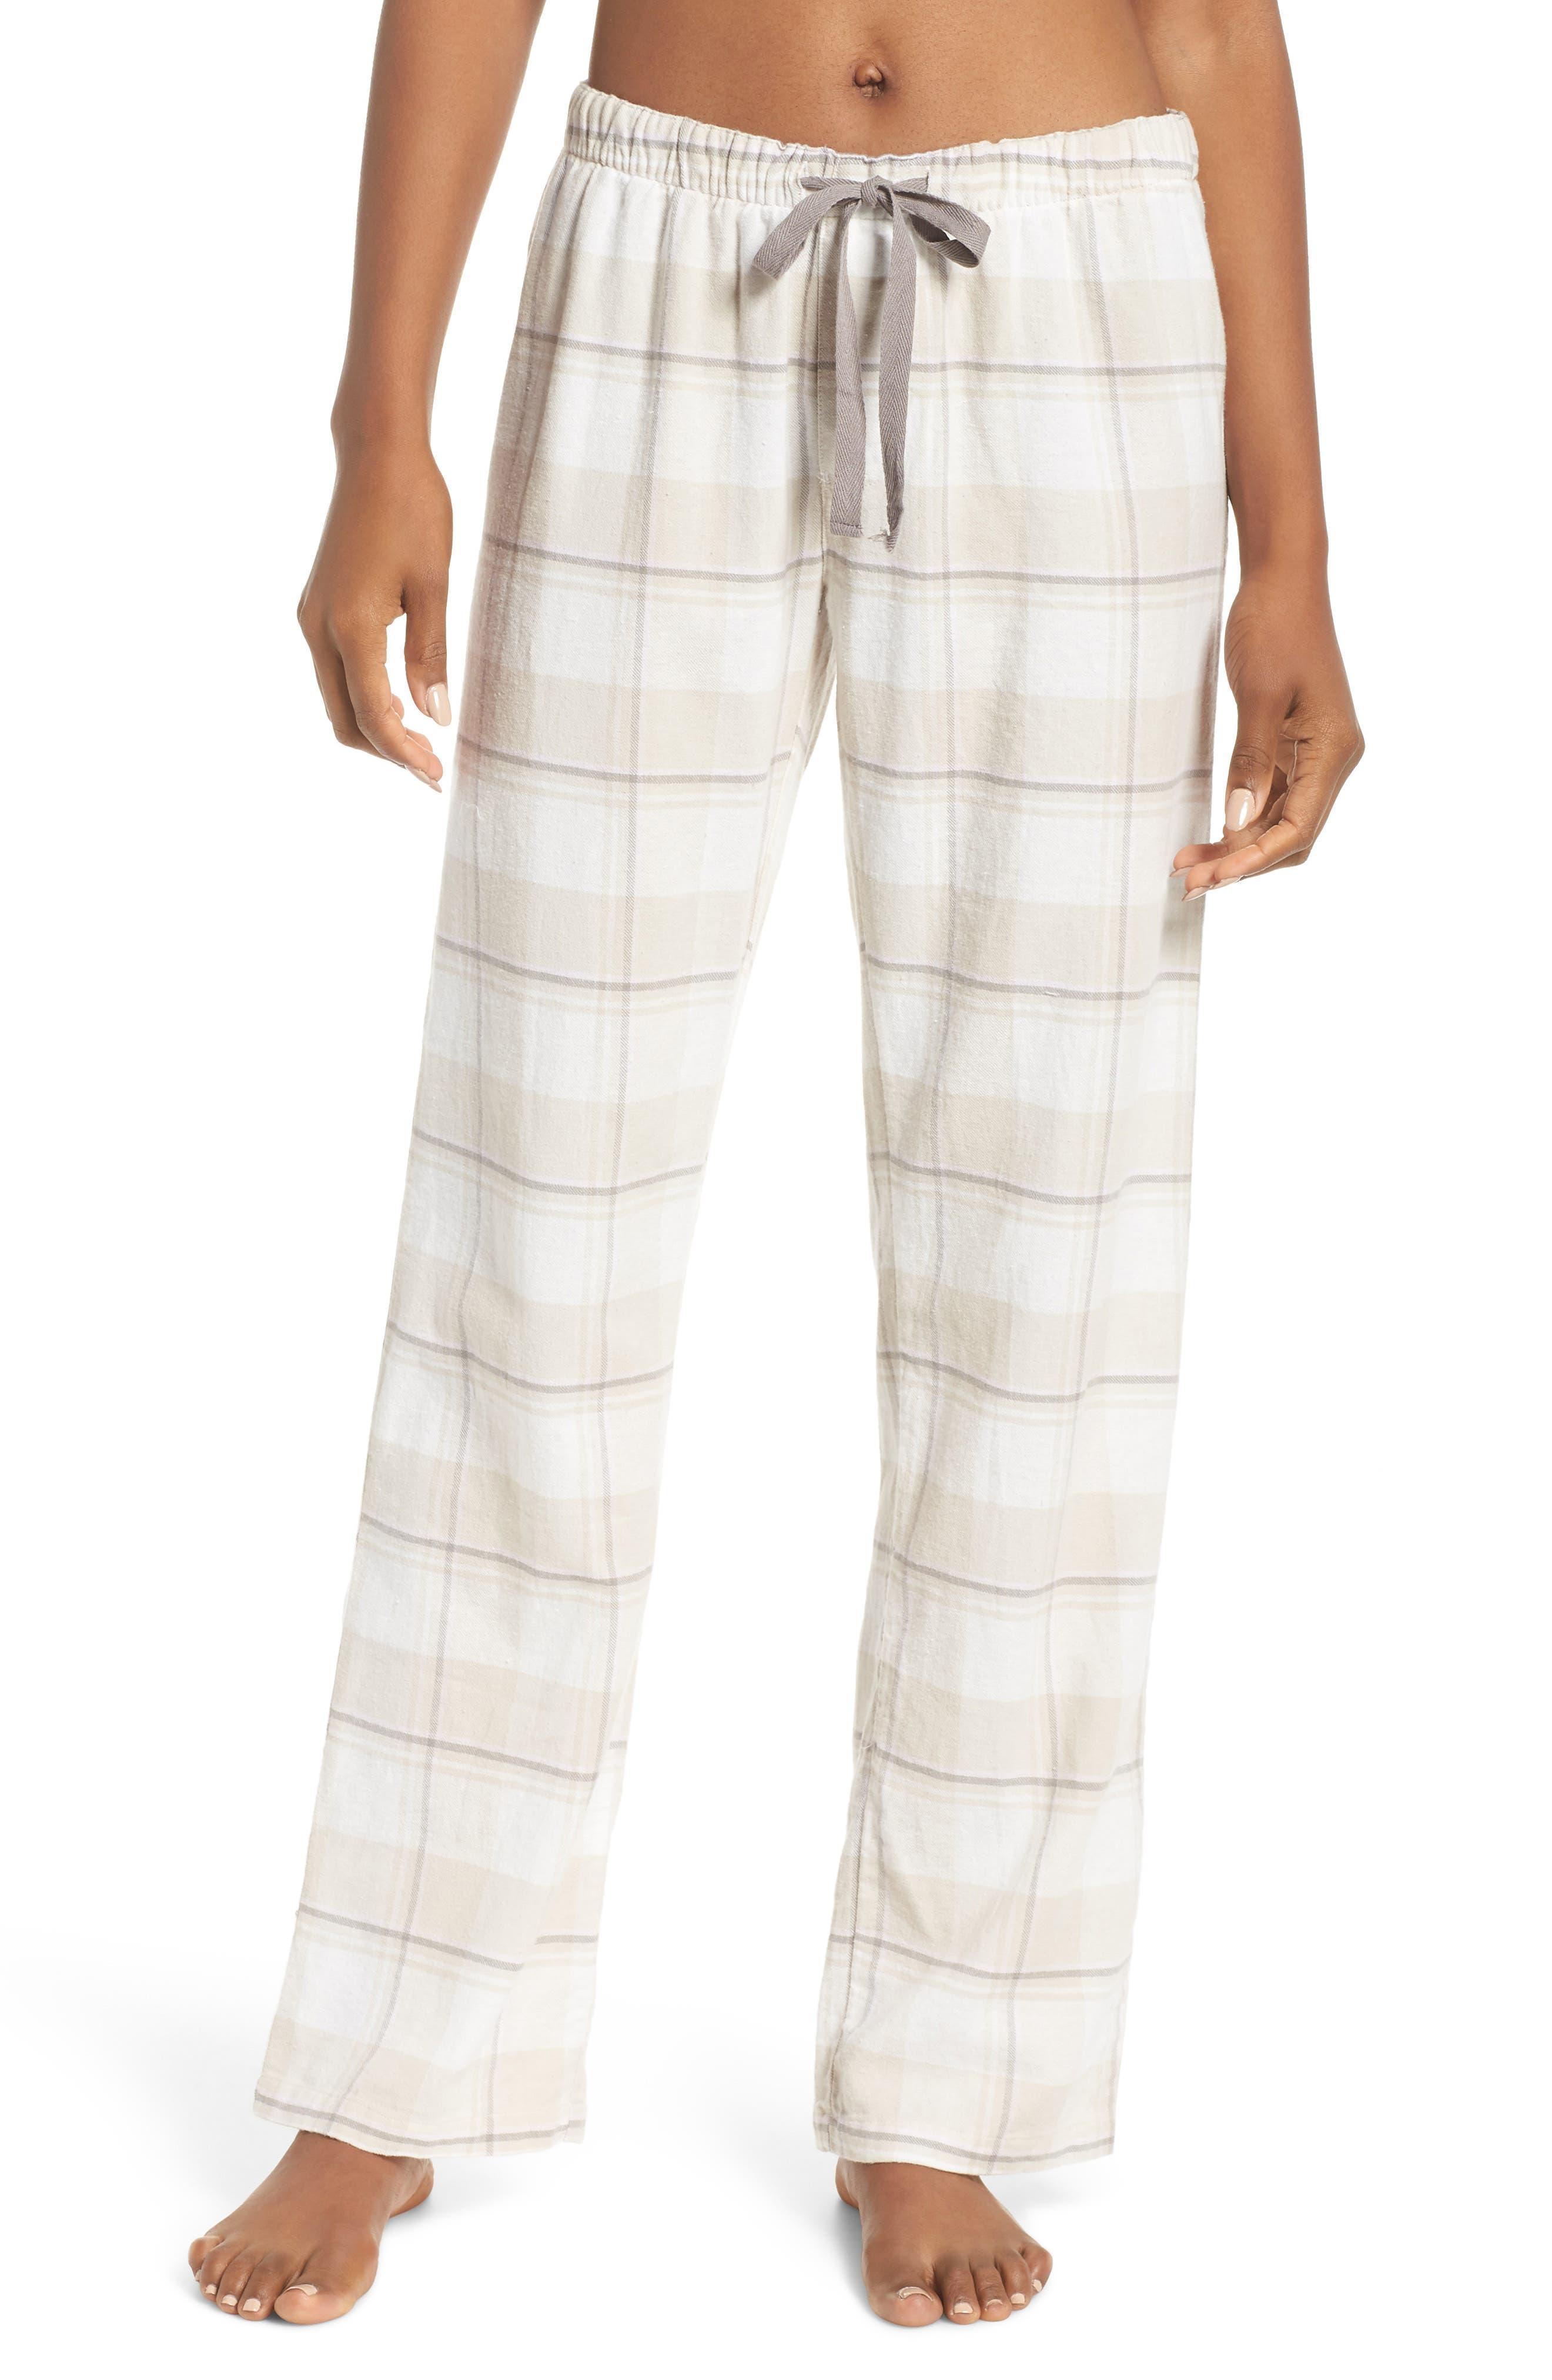 PJ SALVAGE PLAID PANTS